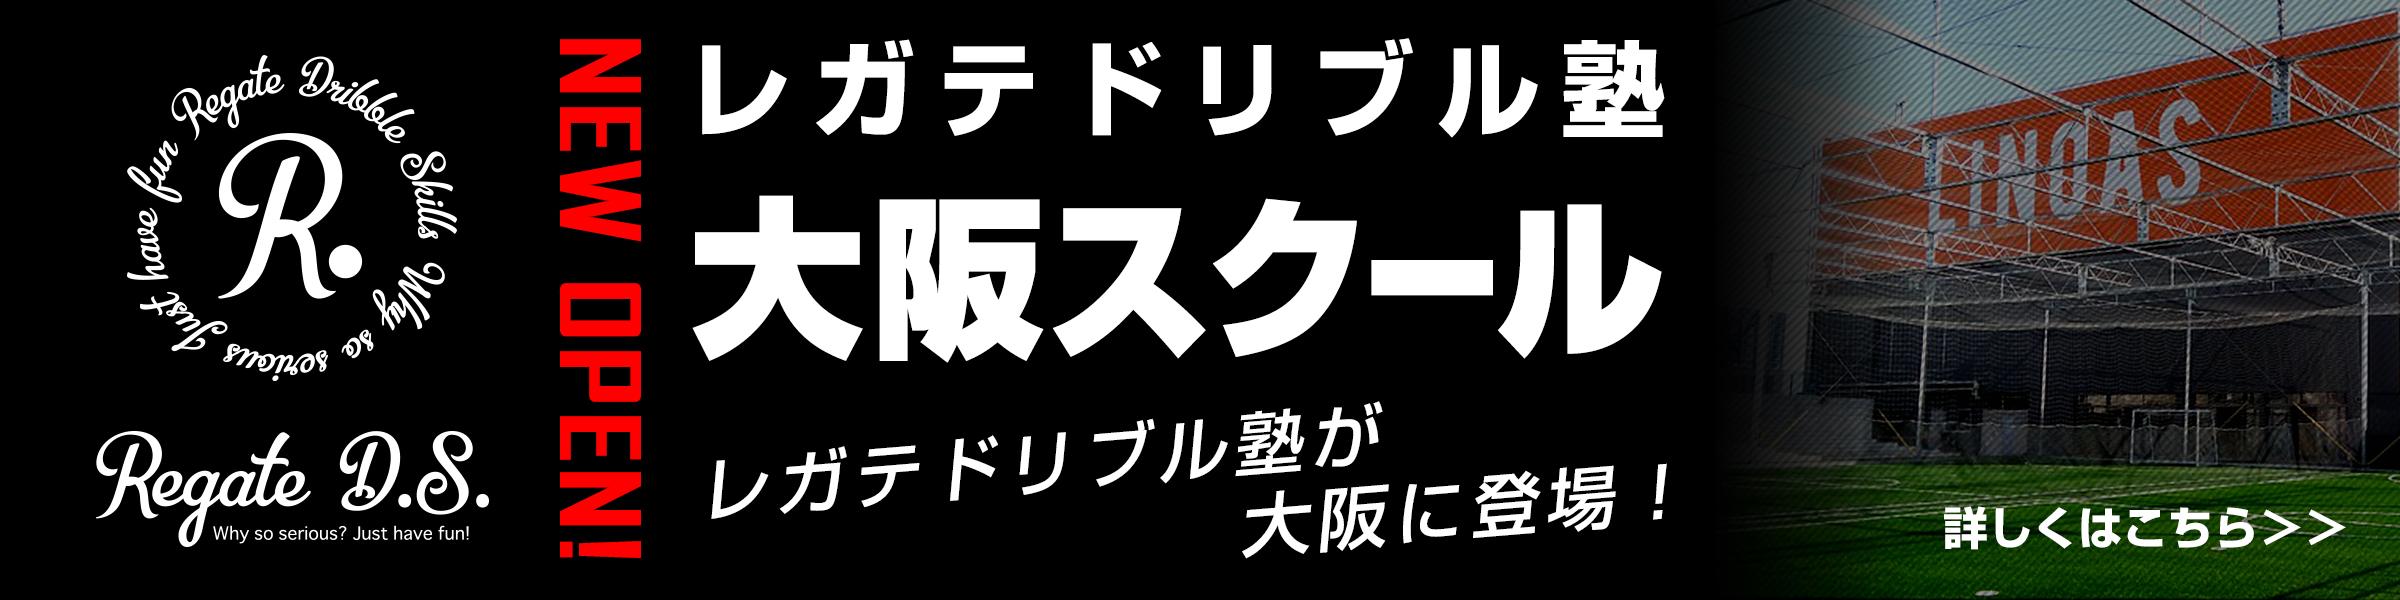 大阪スクール開校